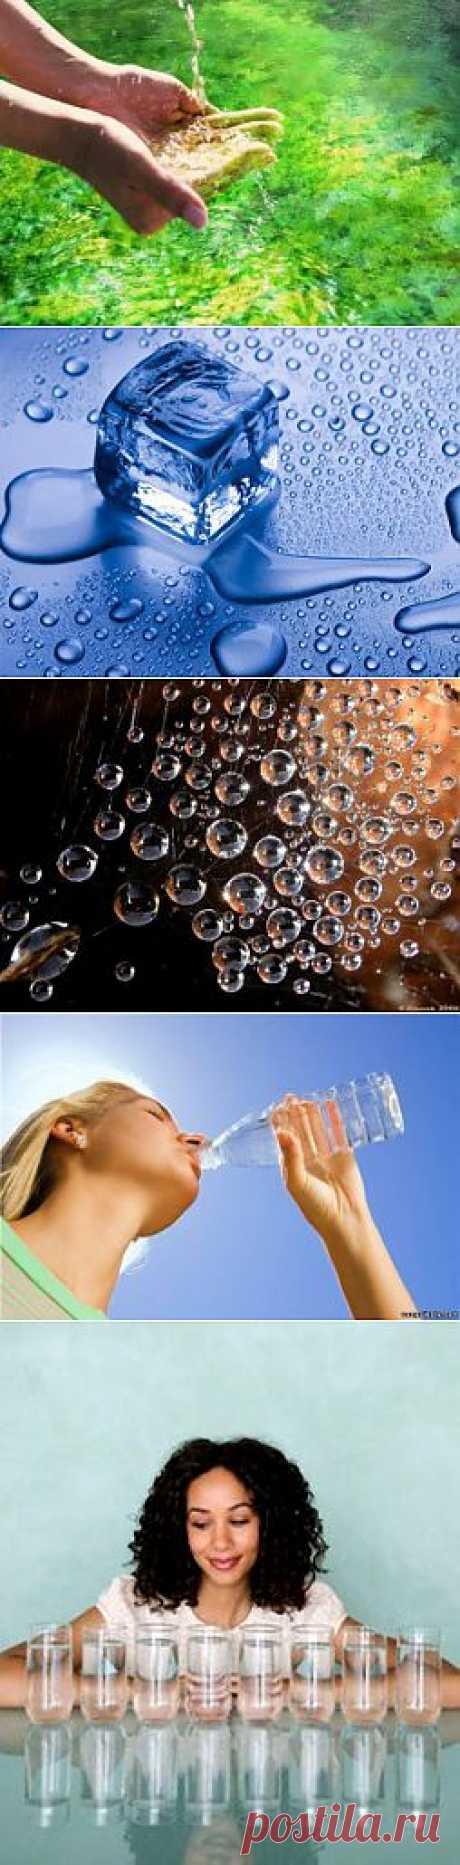 Сила и здоровье воды. | www.puls100.ru